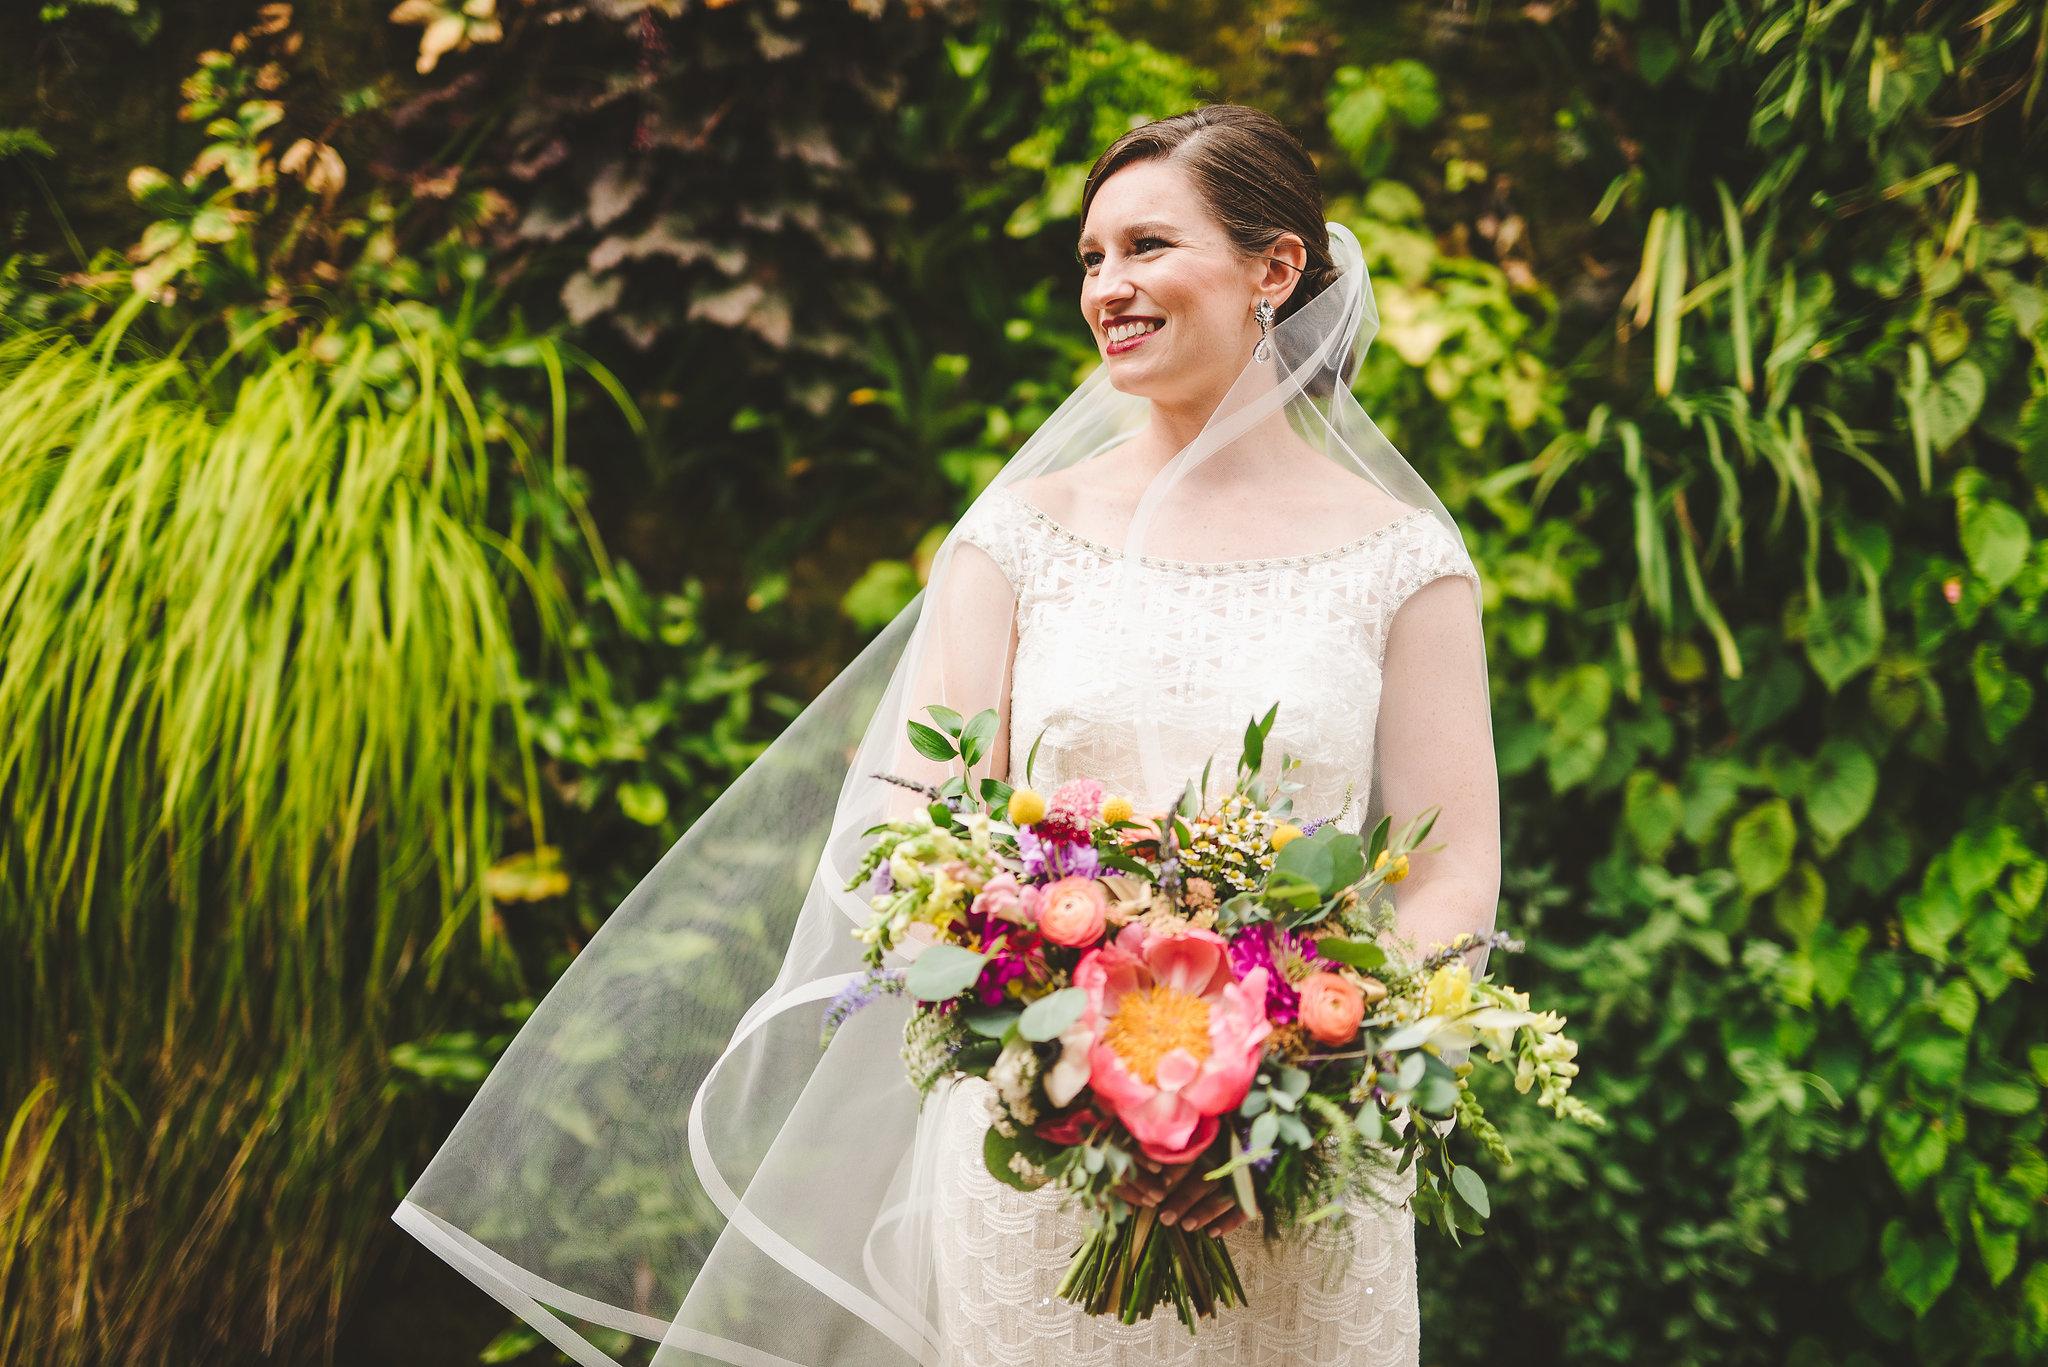 wedding-allison-nasser-378.jpg